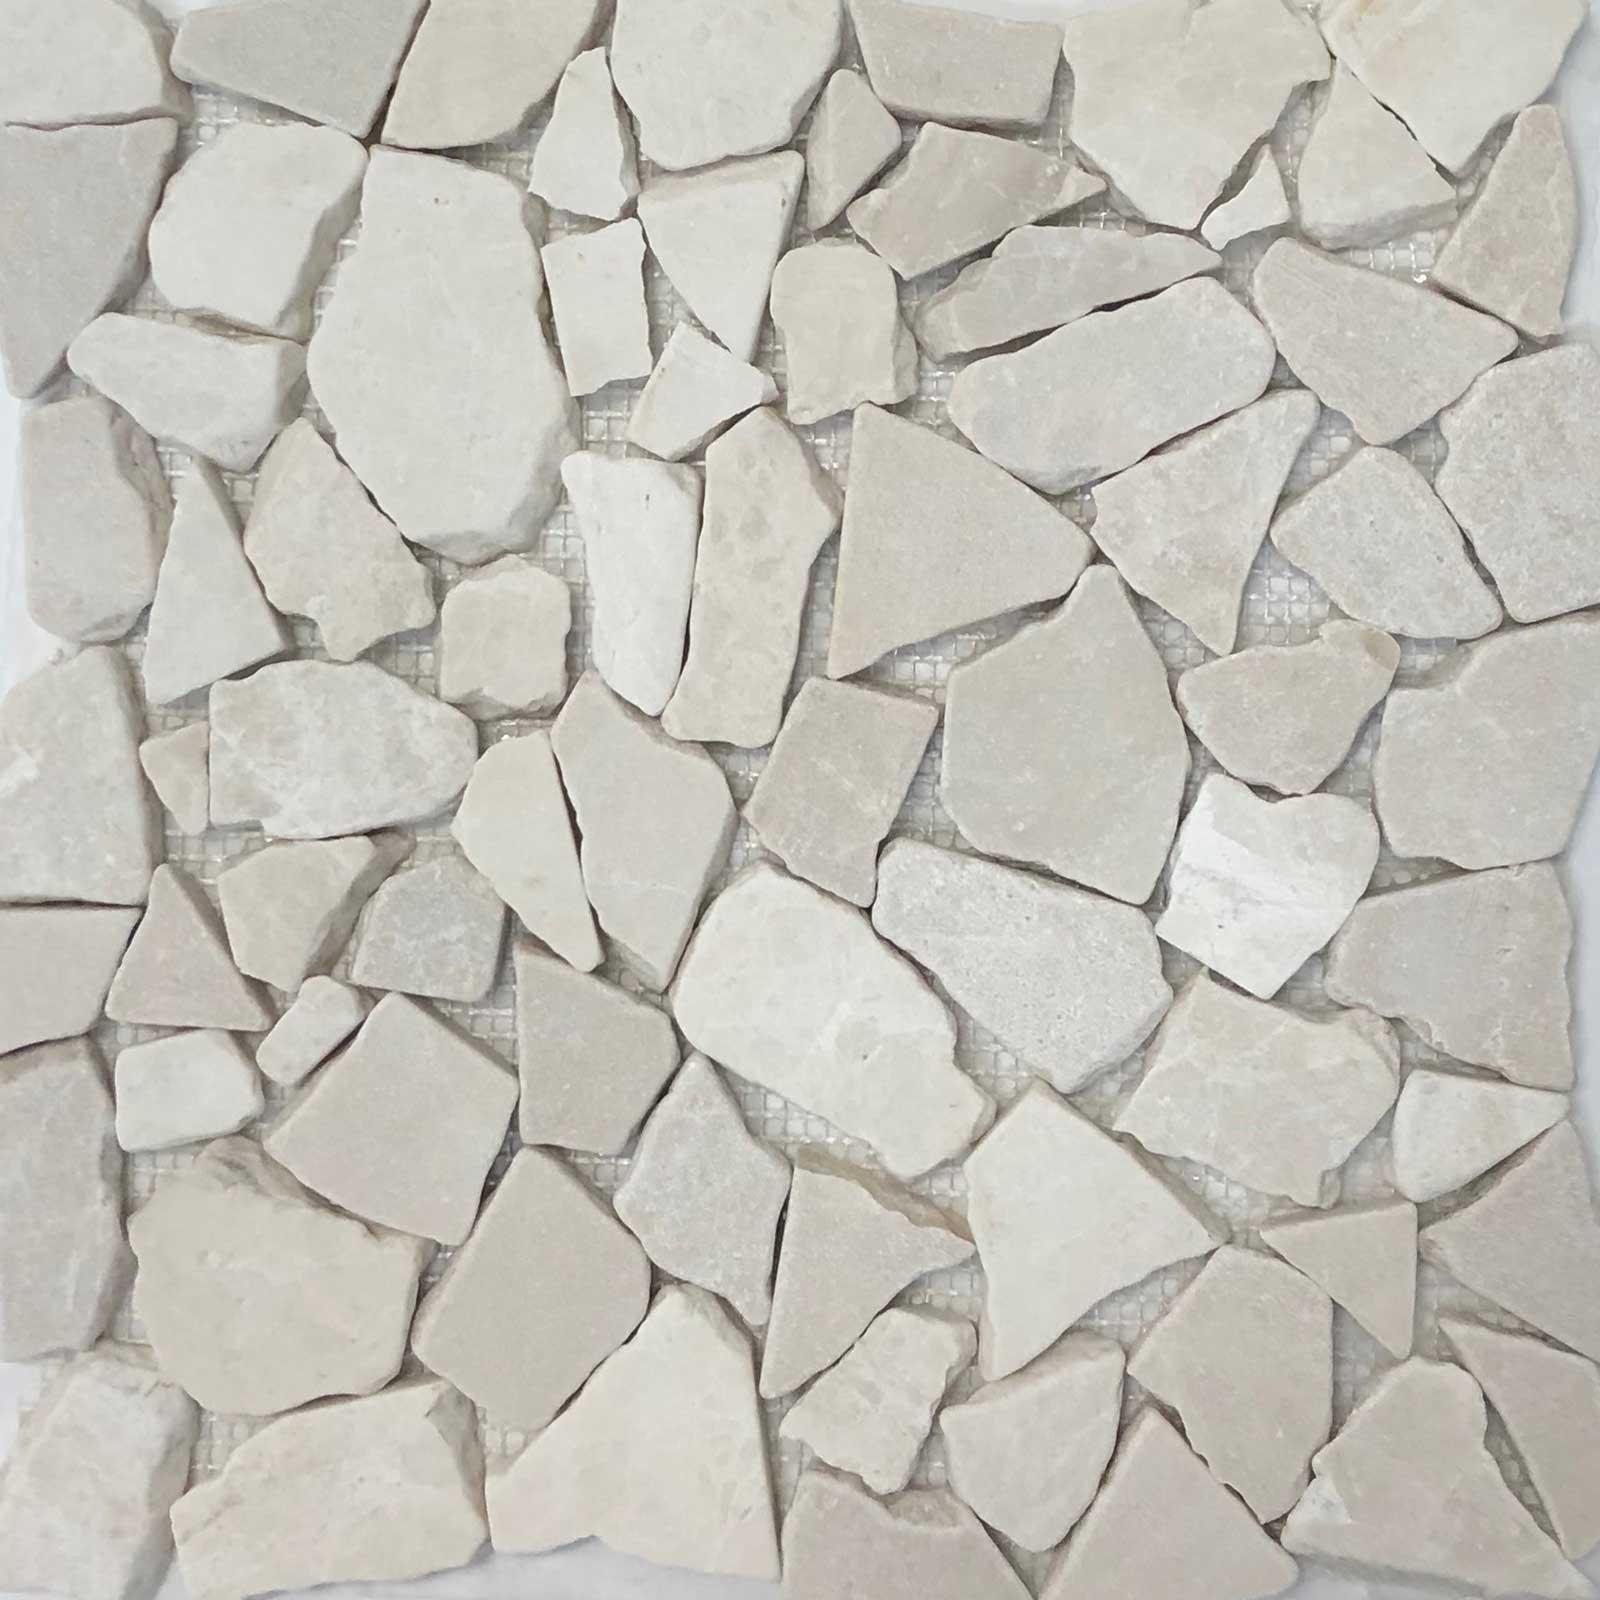 Botticino Beige Flat Stone Pebble Mosaic Tile